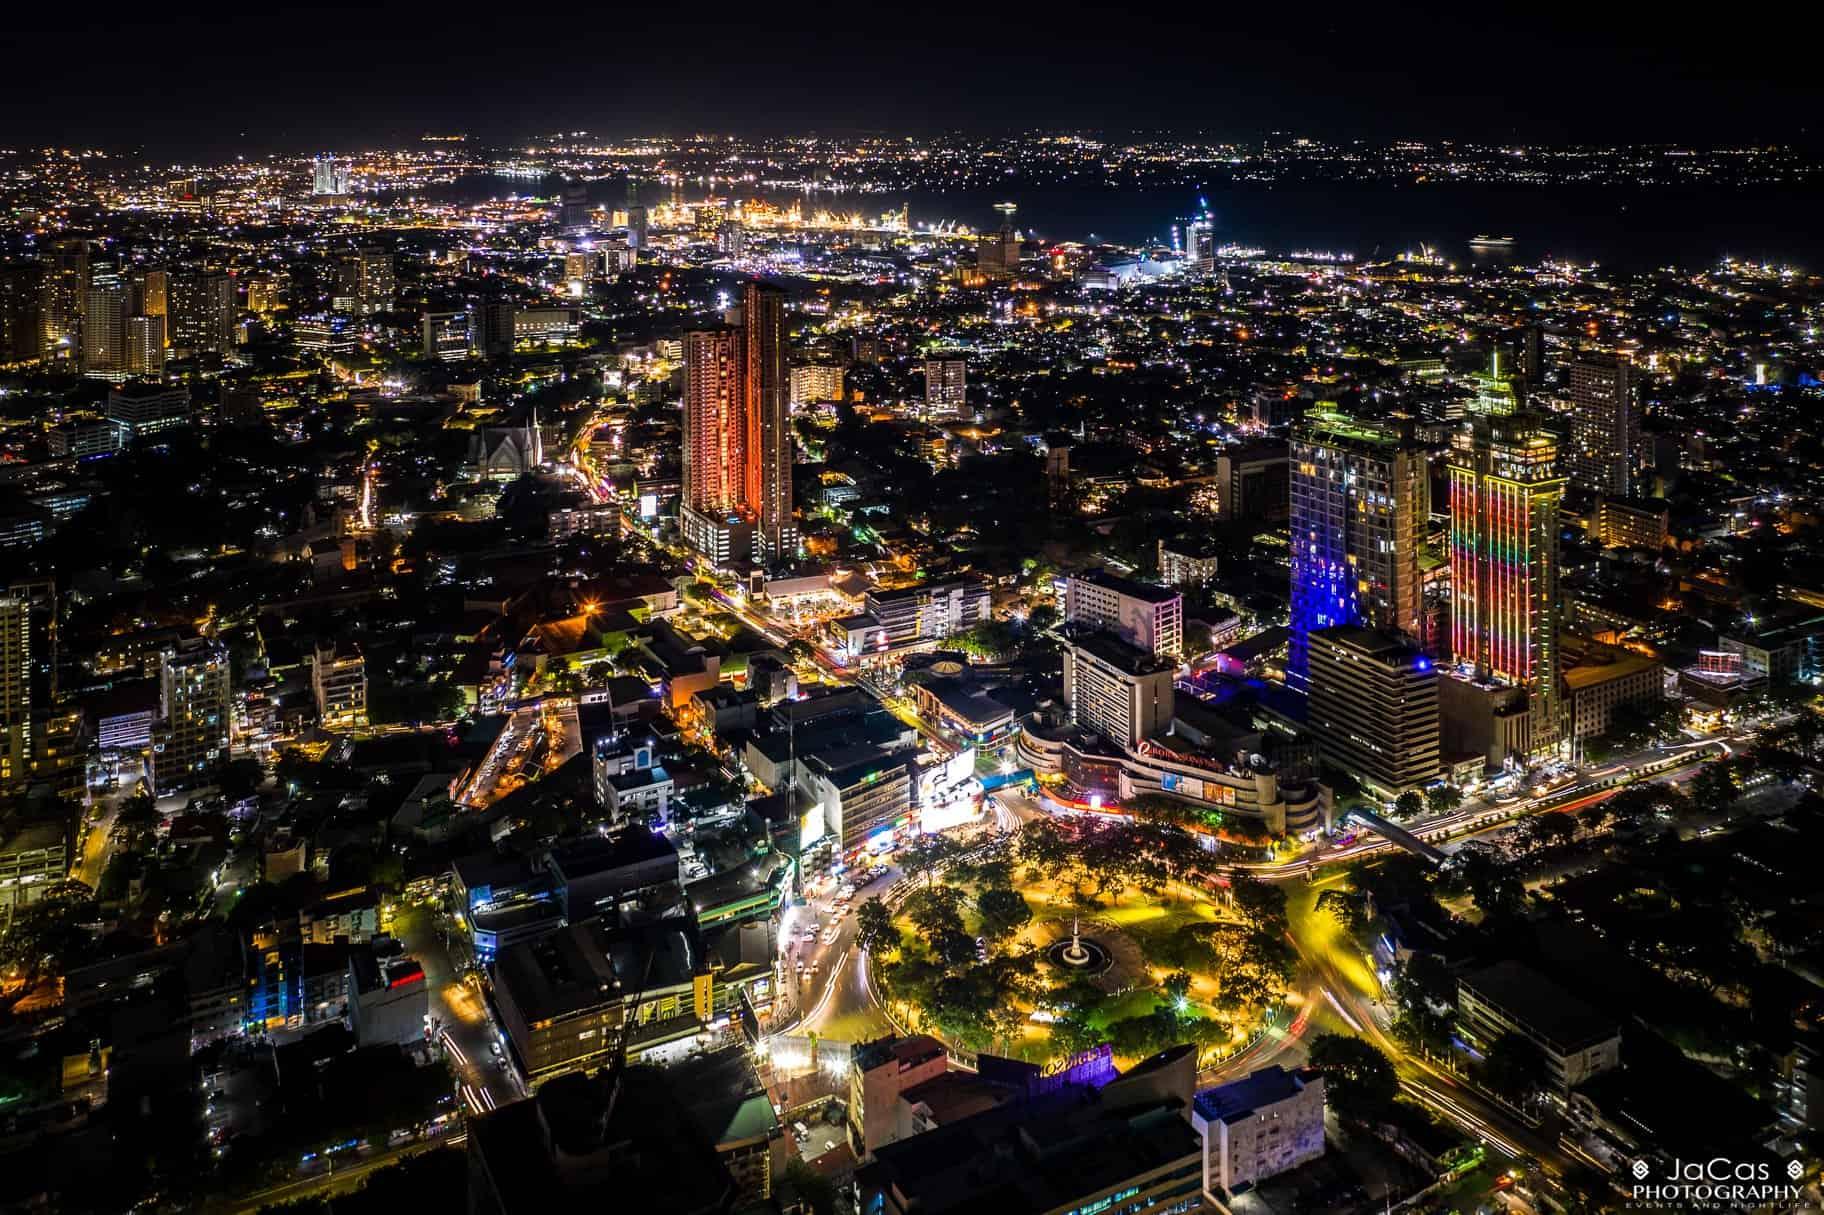 UNESCO hails Cebu City as new Creative City of Design